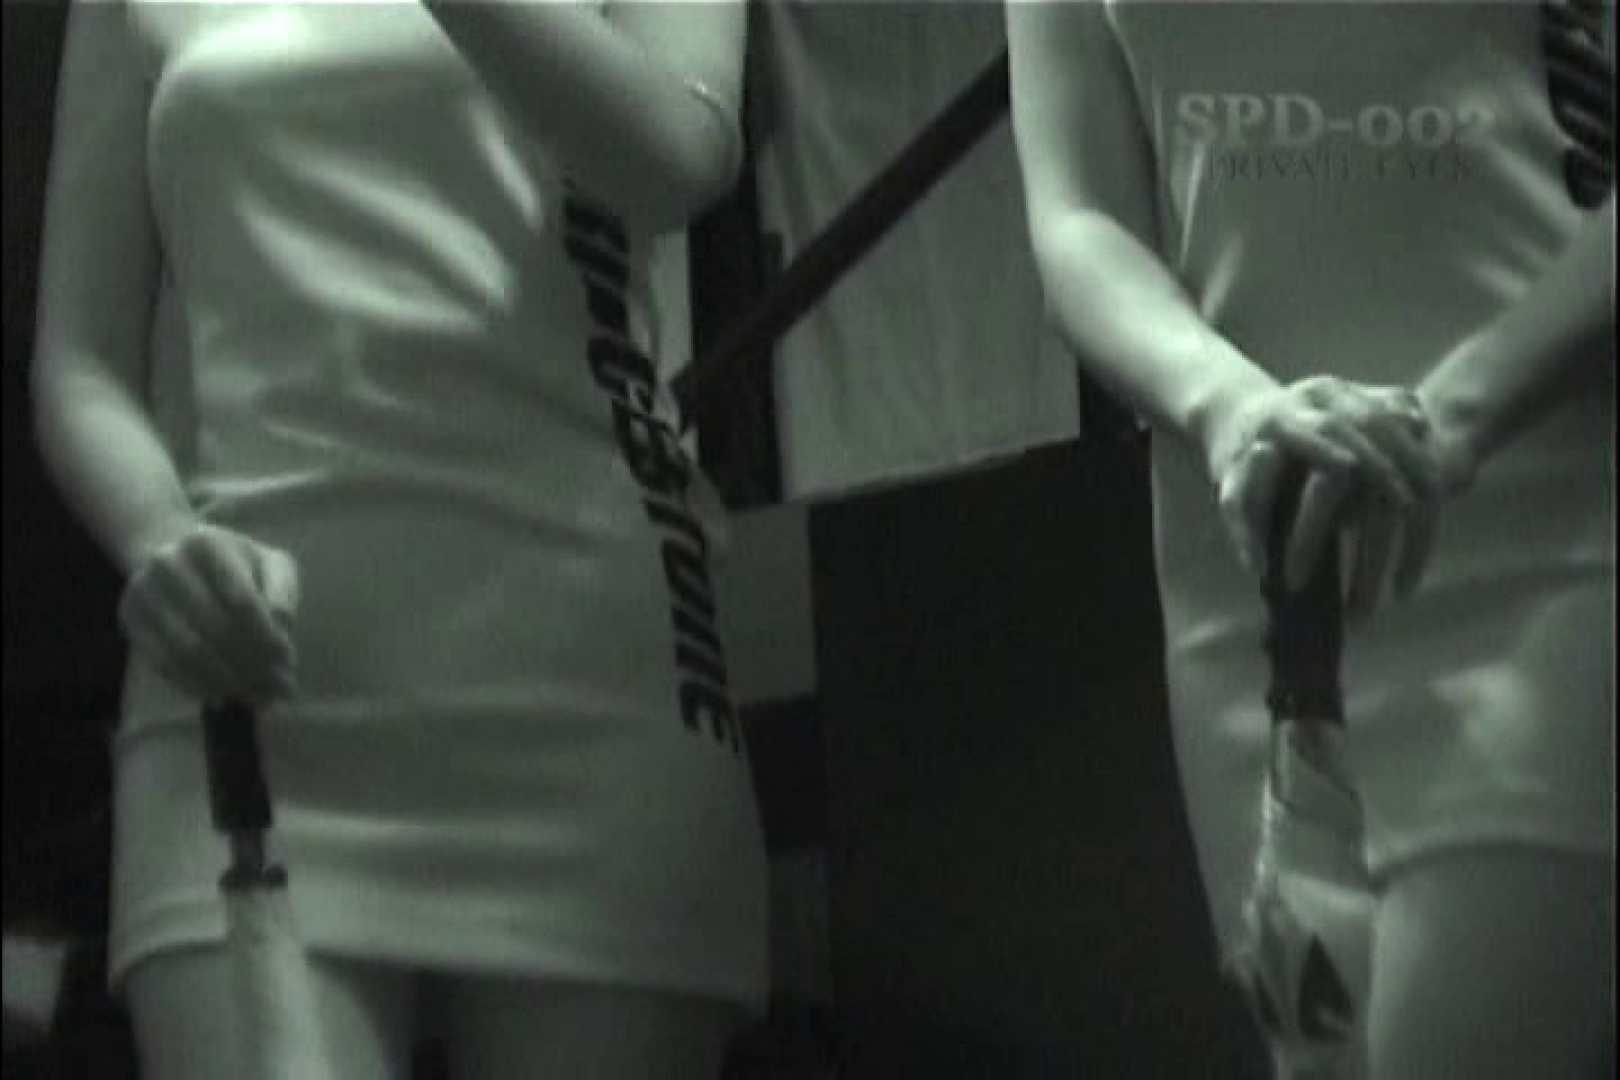 高画質版!SPD-002 レースクイーン 赤外線&盗撮 レースクィーン | 0  95画像 69